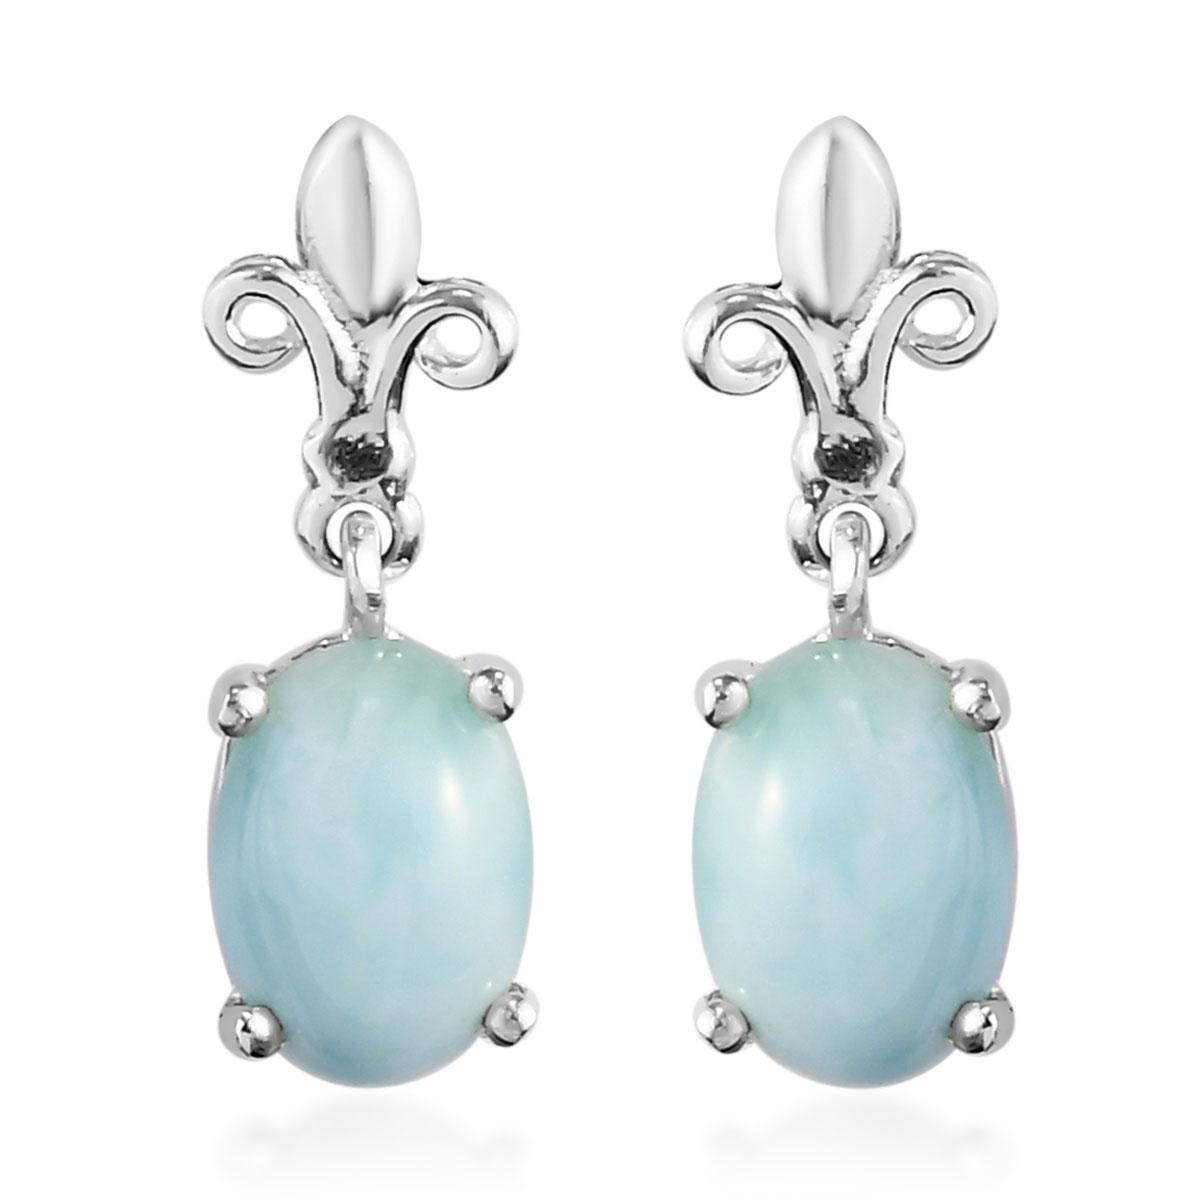 8a61864cb Sea Mist Larimar Sterling Silver Fleur De Lis Earrings TGW 1.92 cts. |  Solitaire | Earrings | Jewelry | online-store | Shop LC